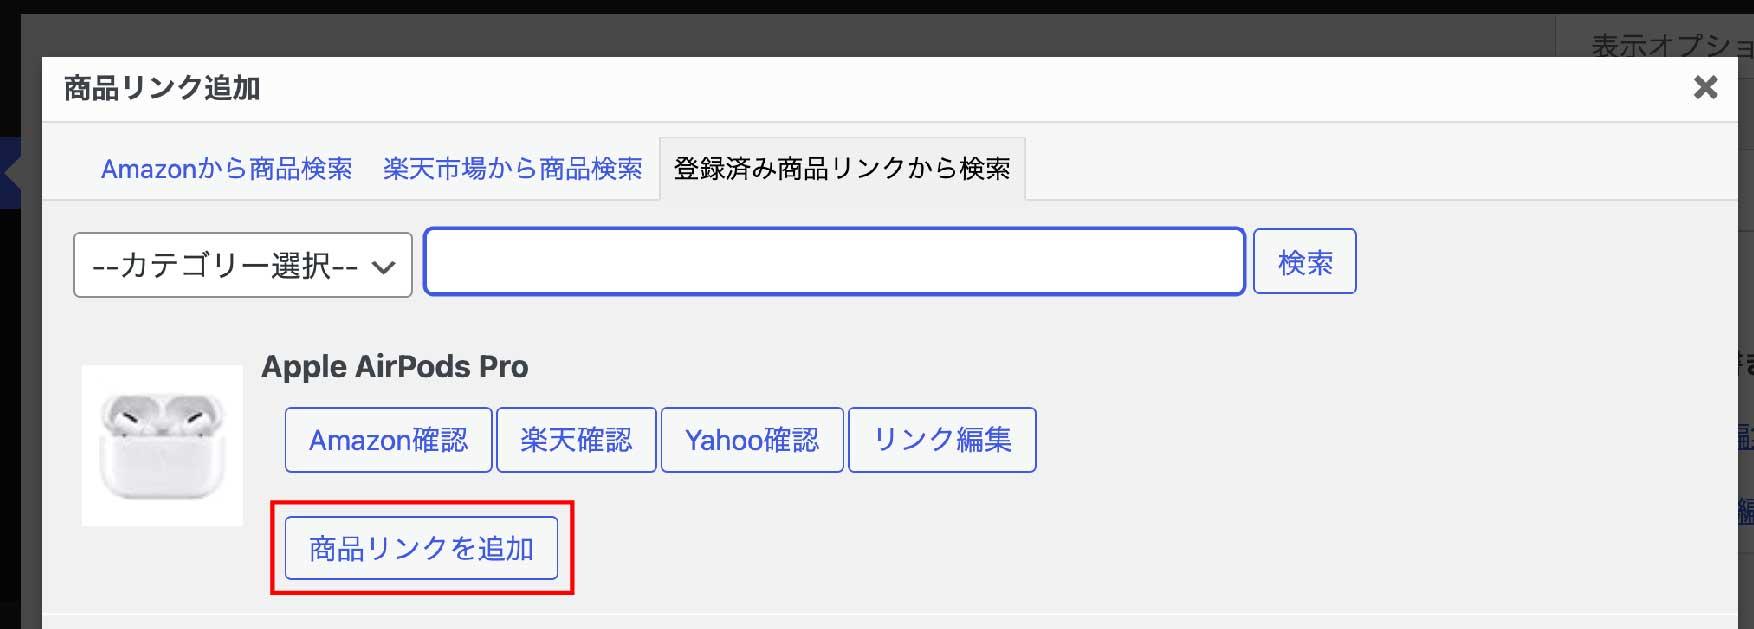 【完全解説】物販用プラグインRinkerの導入〜設定までの方法29